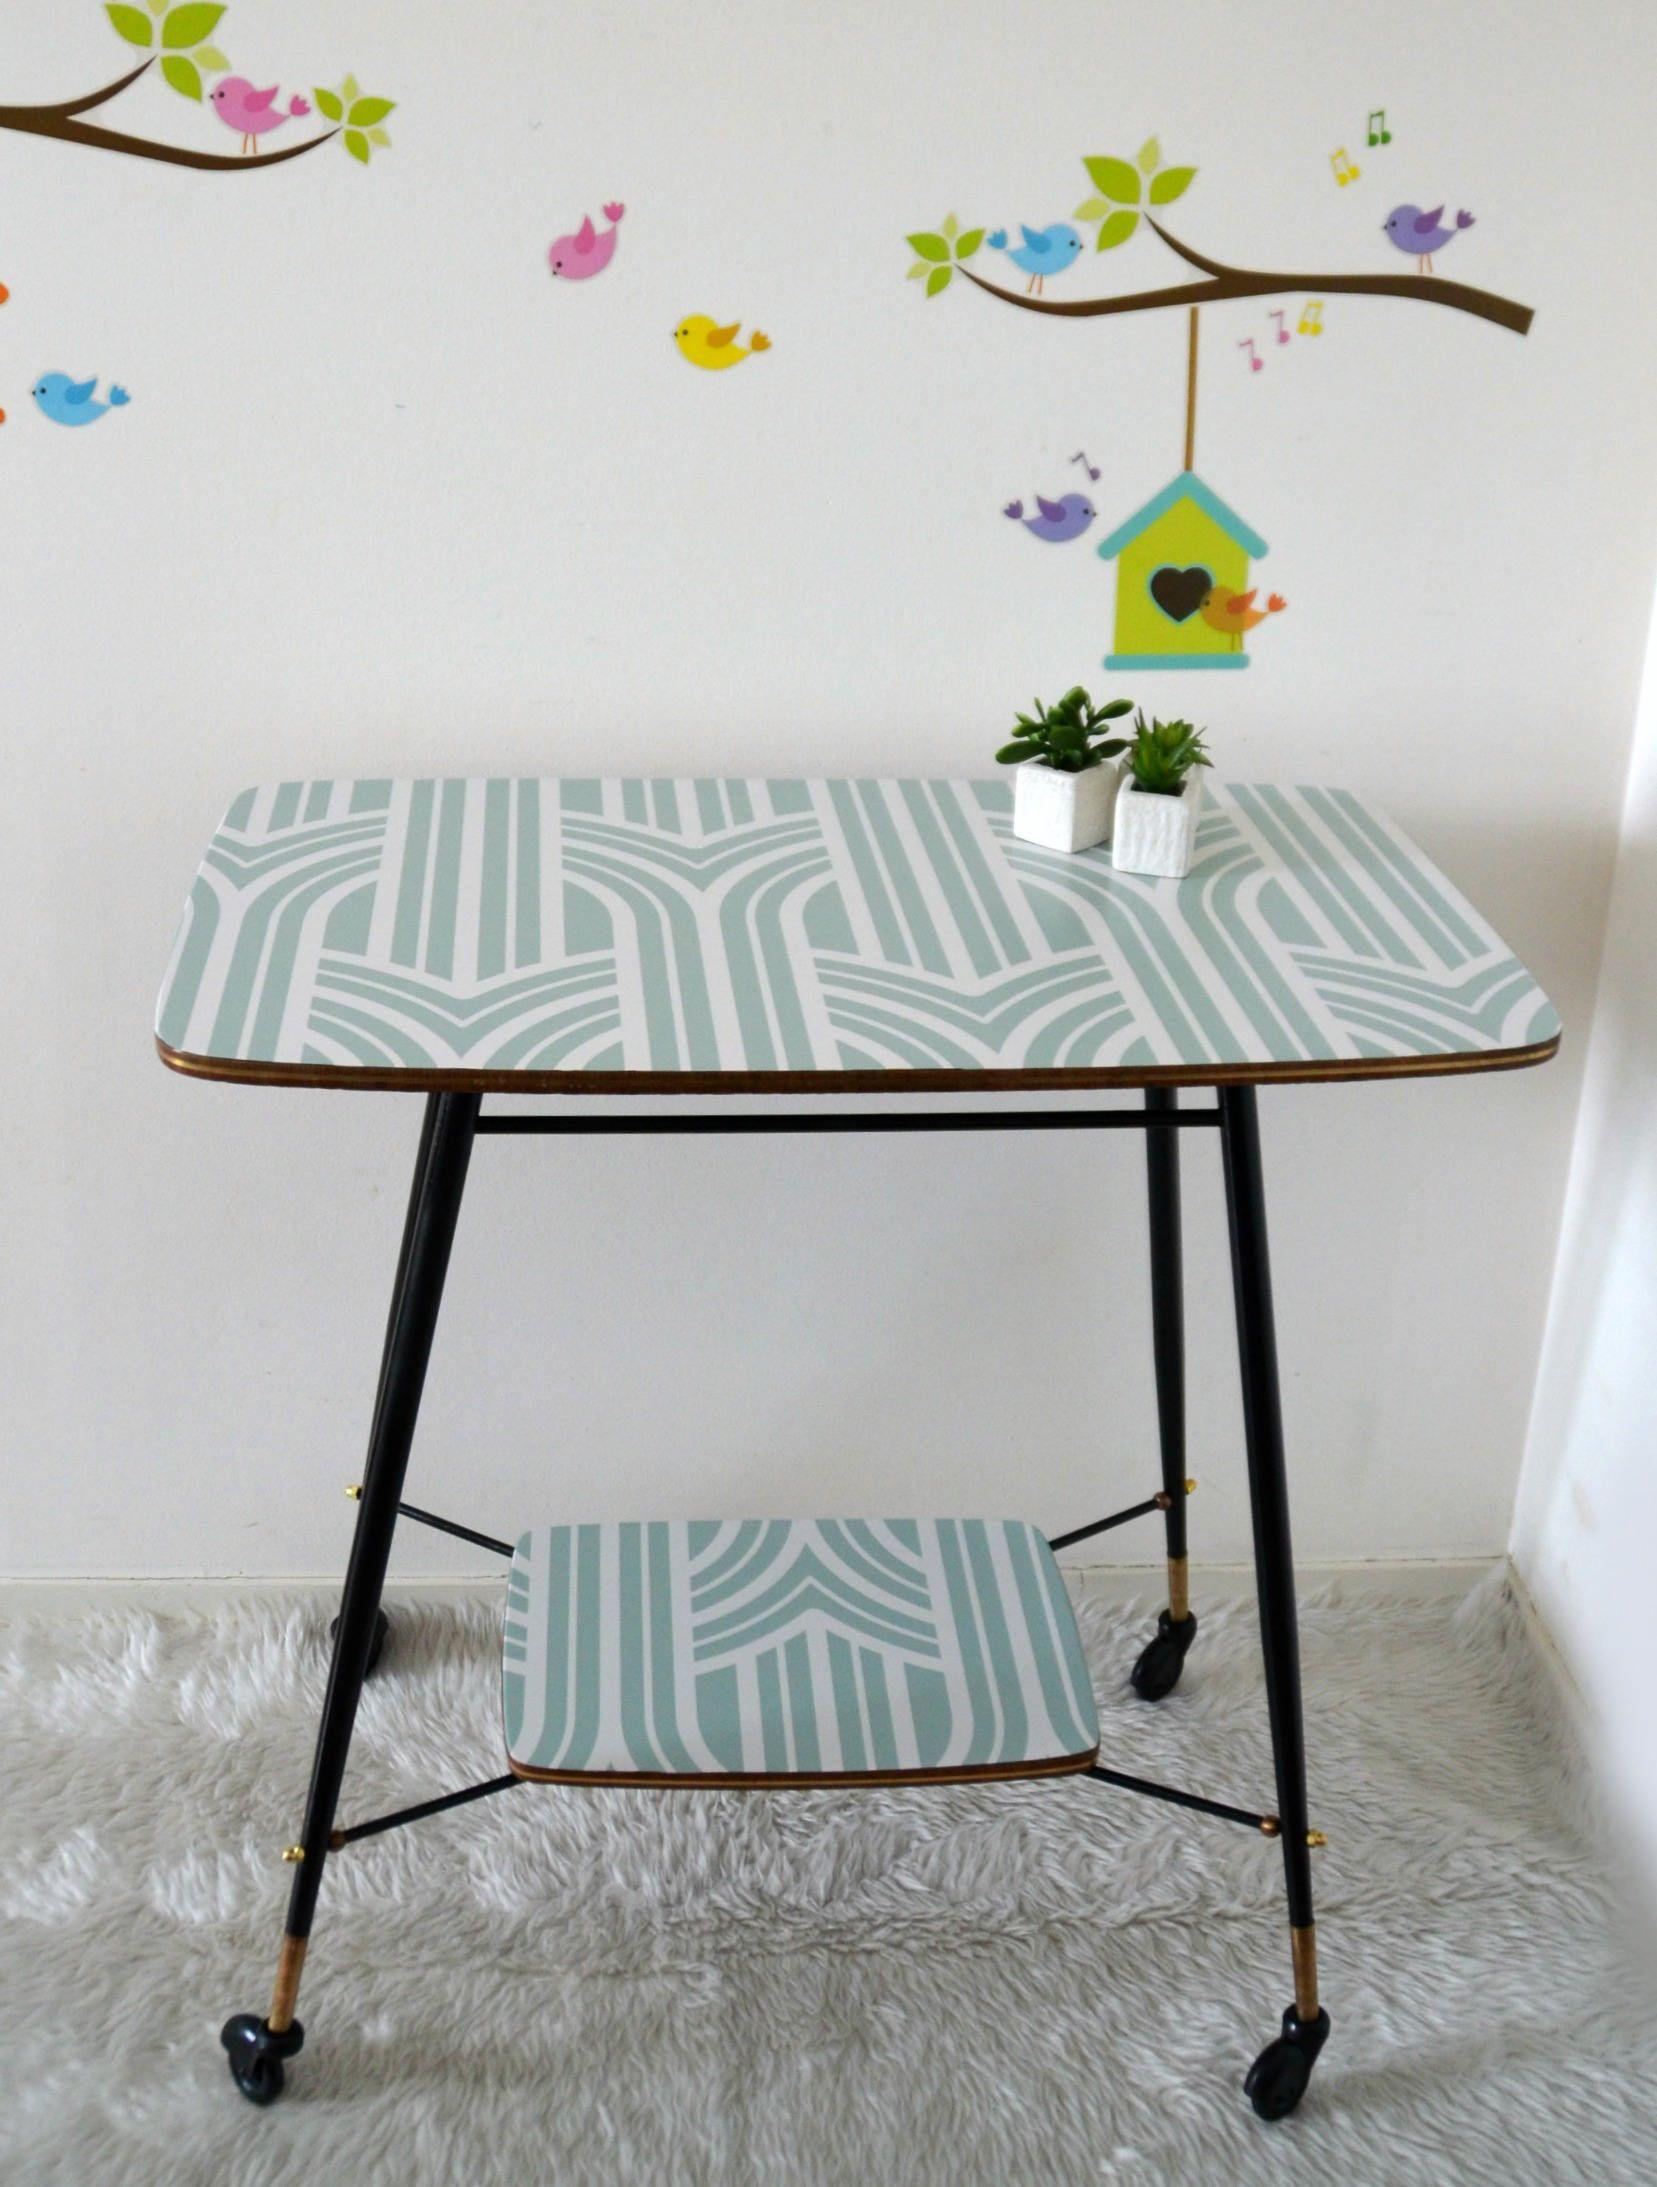 Table Tv Vintage Table D Appoint En Bois Et M Tal Dessus Motif  # Meuble Tv Style Scandinave